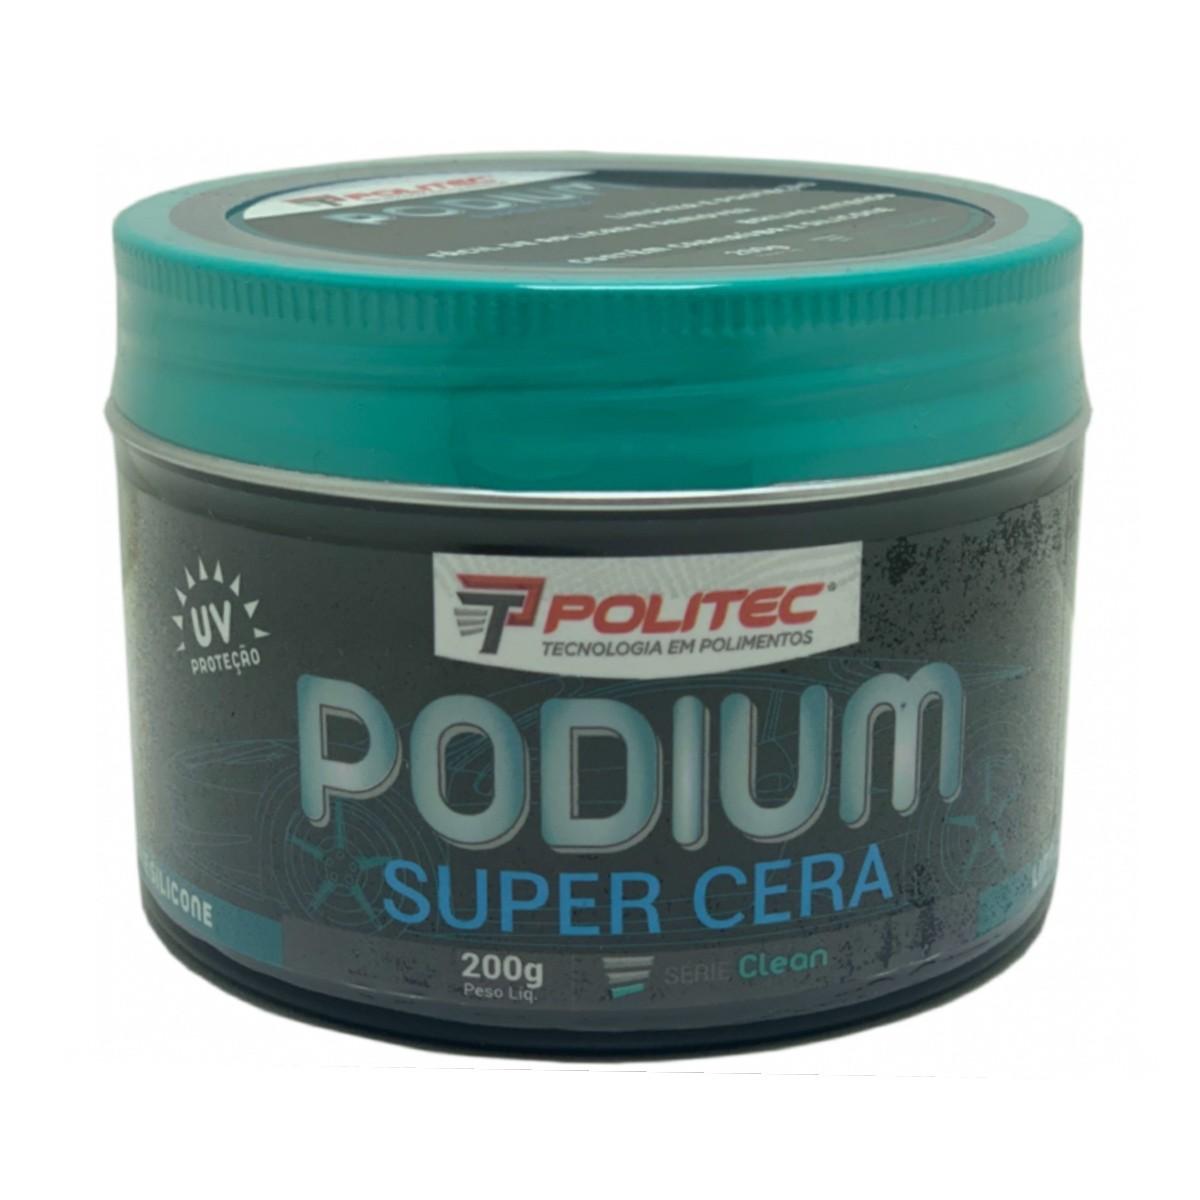 Cera Carnaúba e Silicone Podium Proteção UV Politec 200g